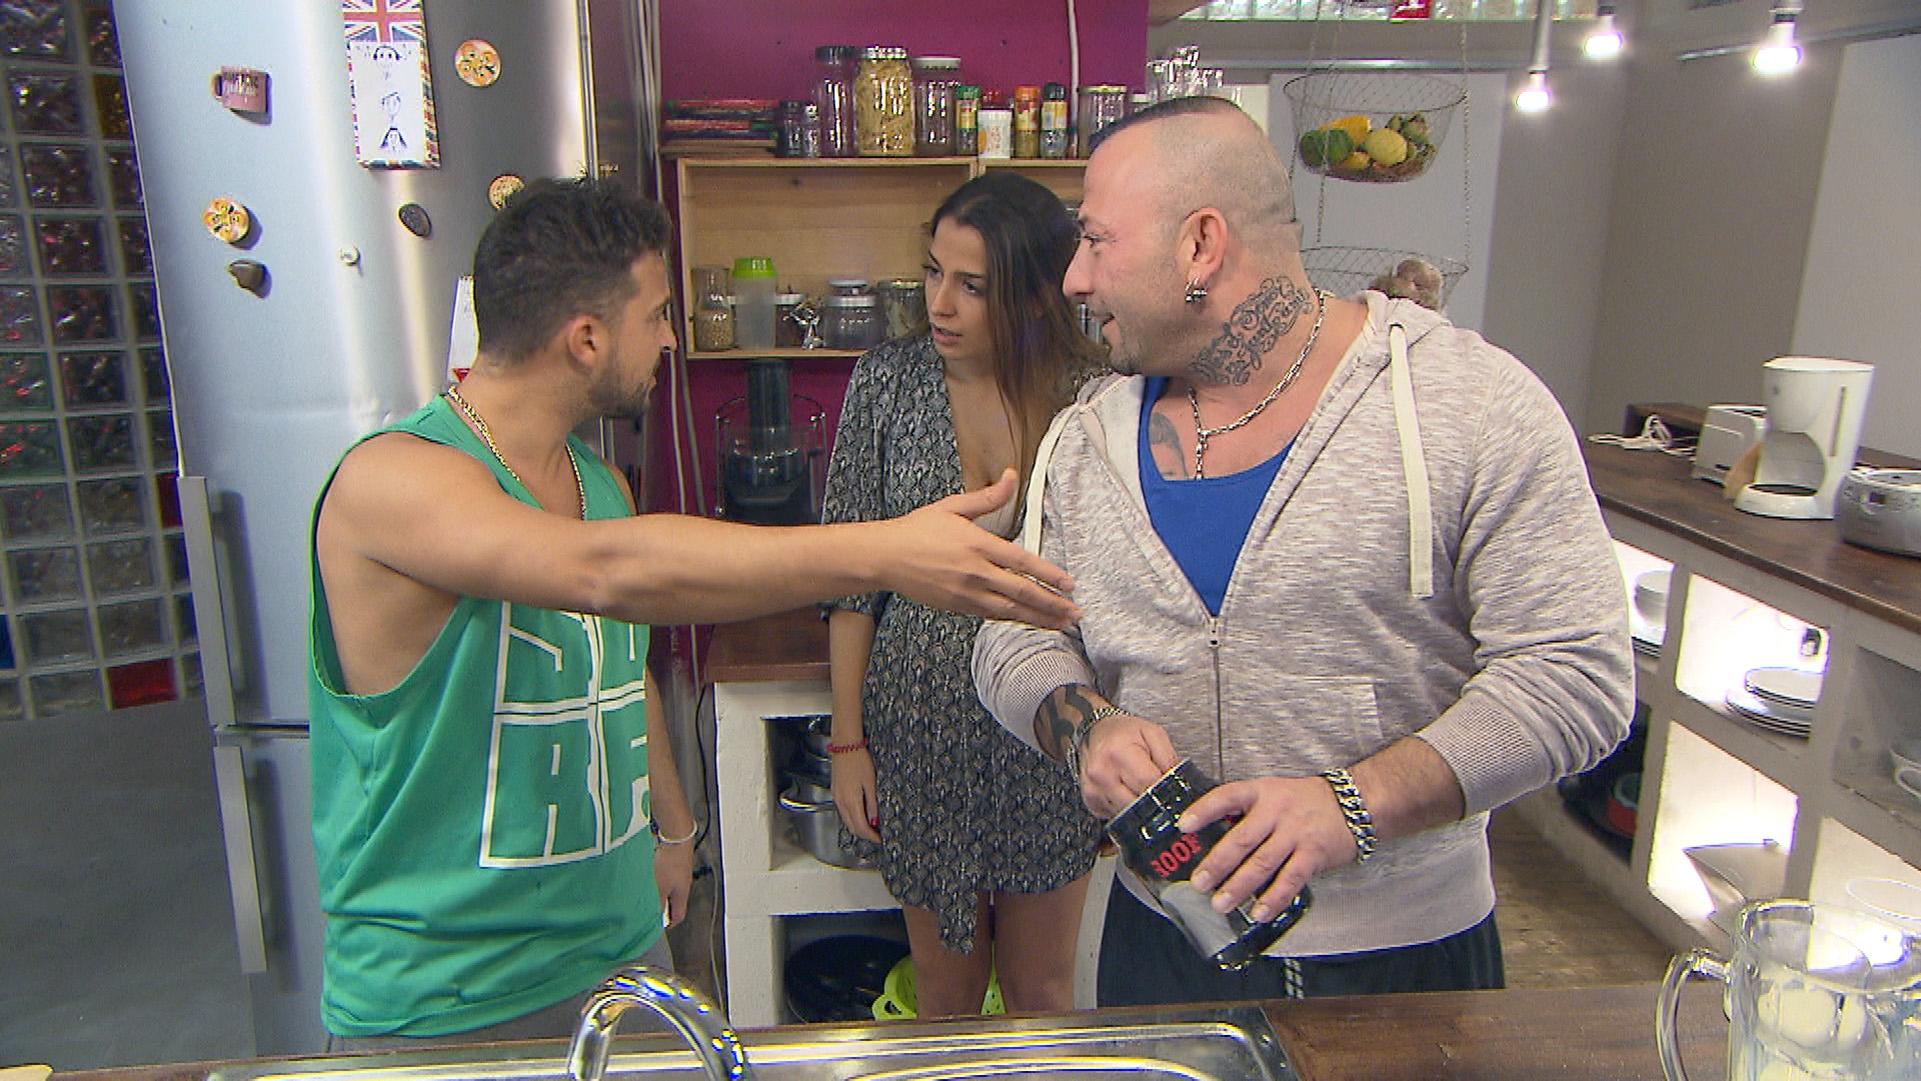 Bereits beim Frühstück gibt es wieder Ärger zwischen Fabrizio (re.) und Toto (li.) - kann Alessia zwischen den beiden vermitteln? (Quelle: RTL 2)